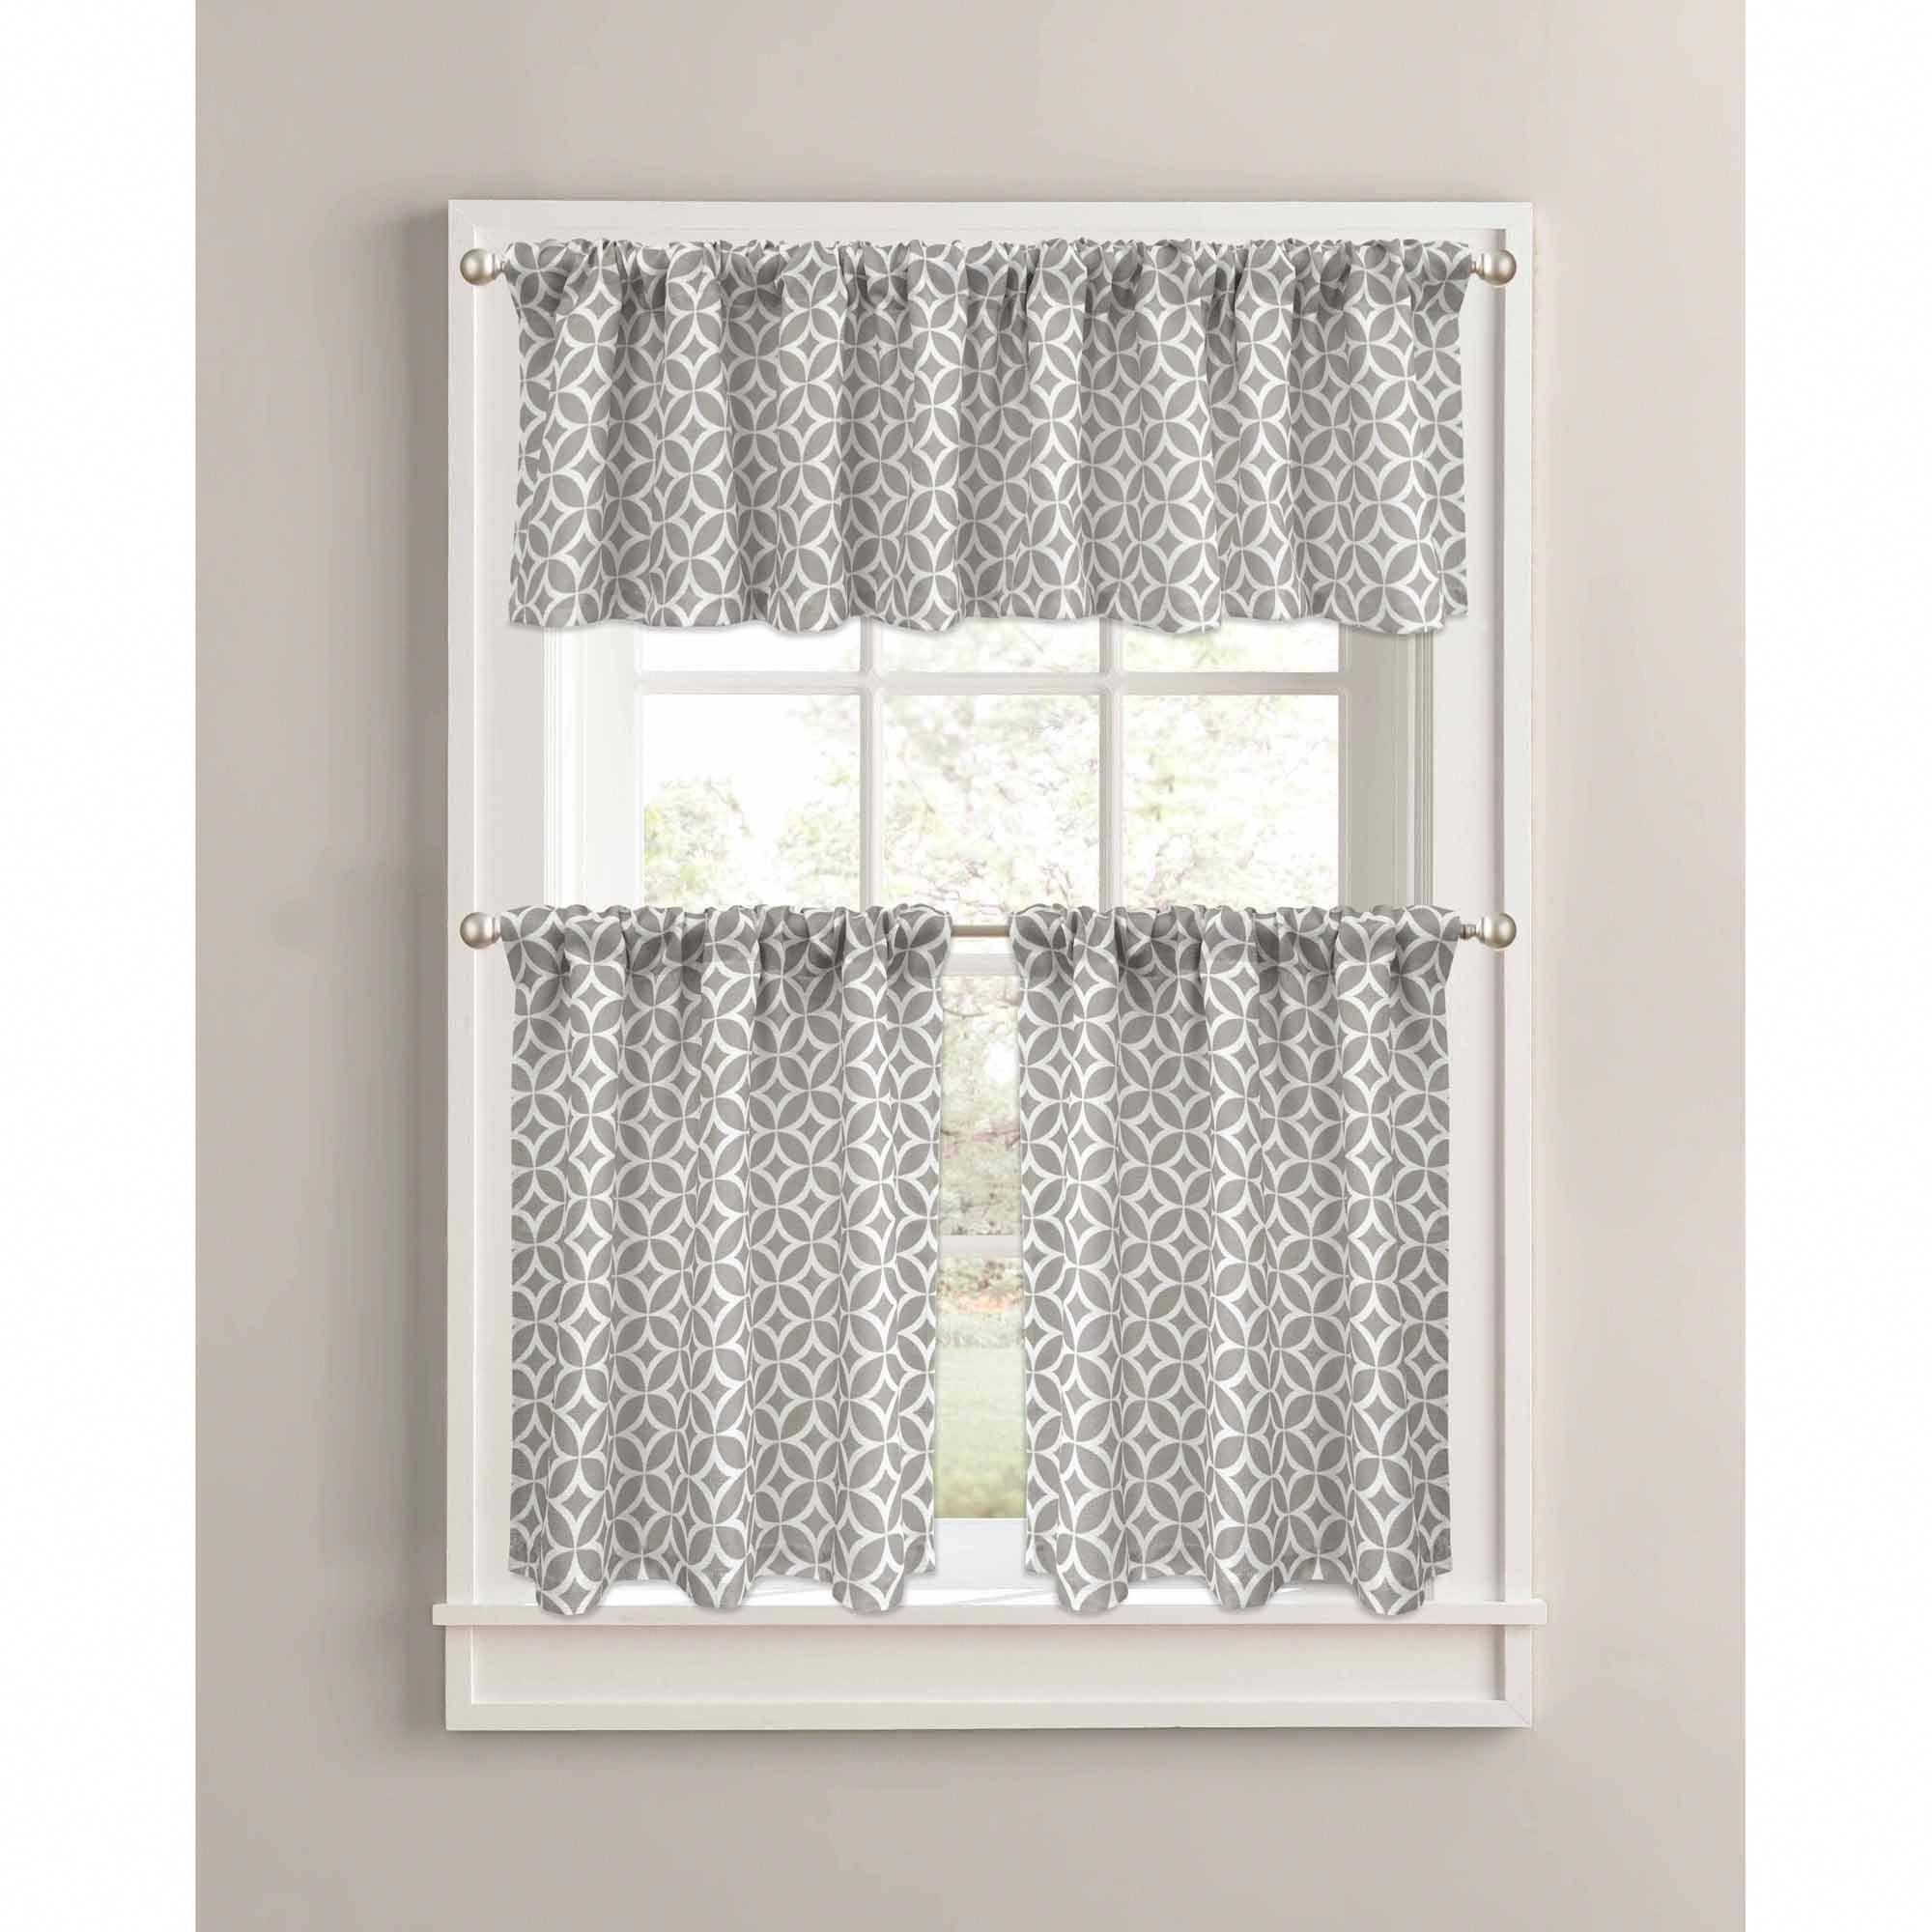 Goodgram Grey Shabby 3 Piece Kitchen Curtain Tier Valance Set